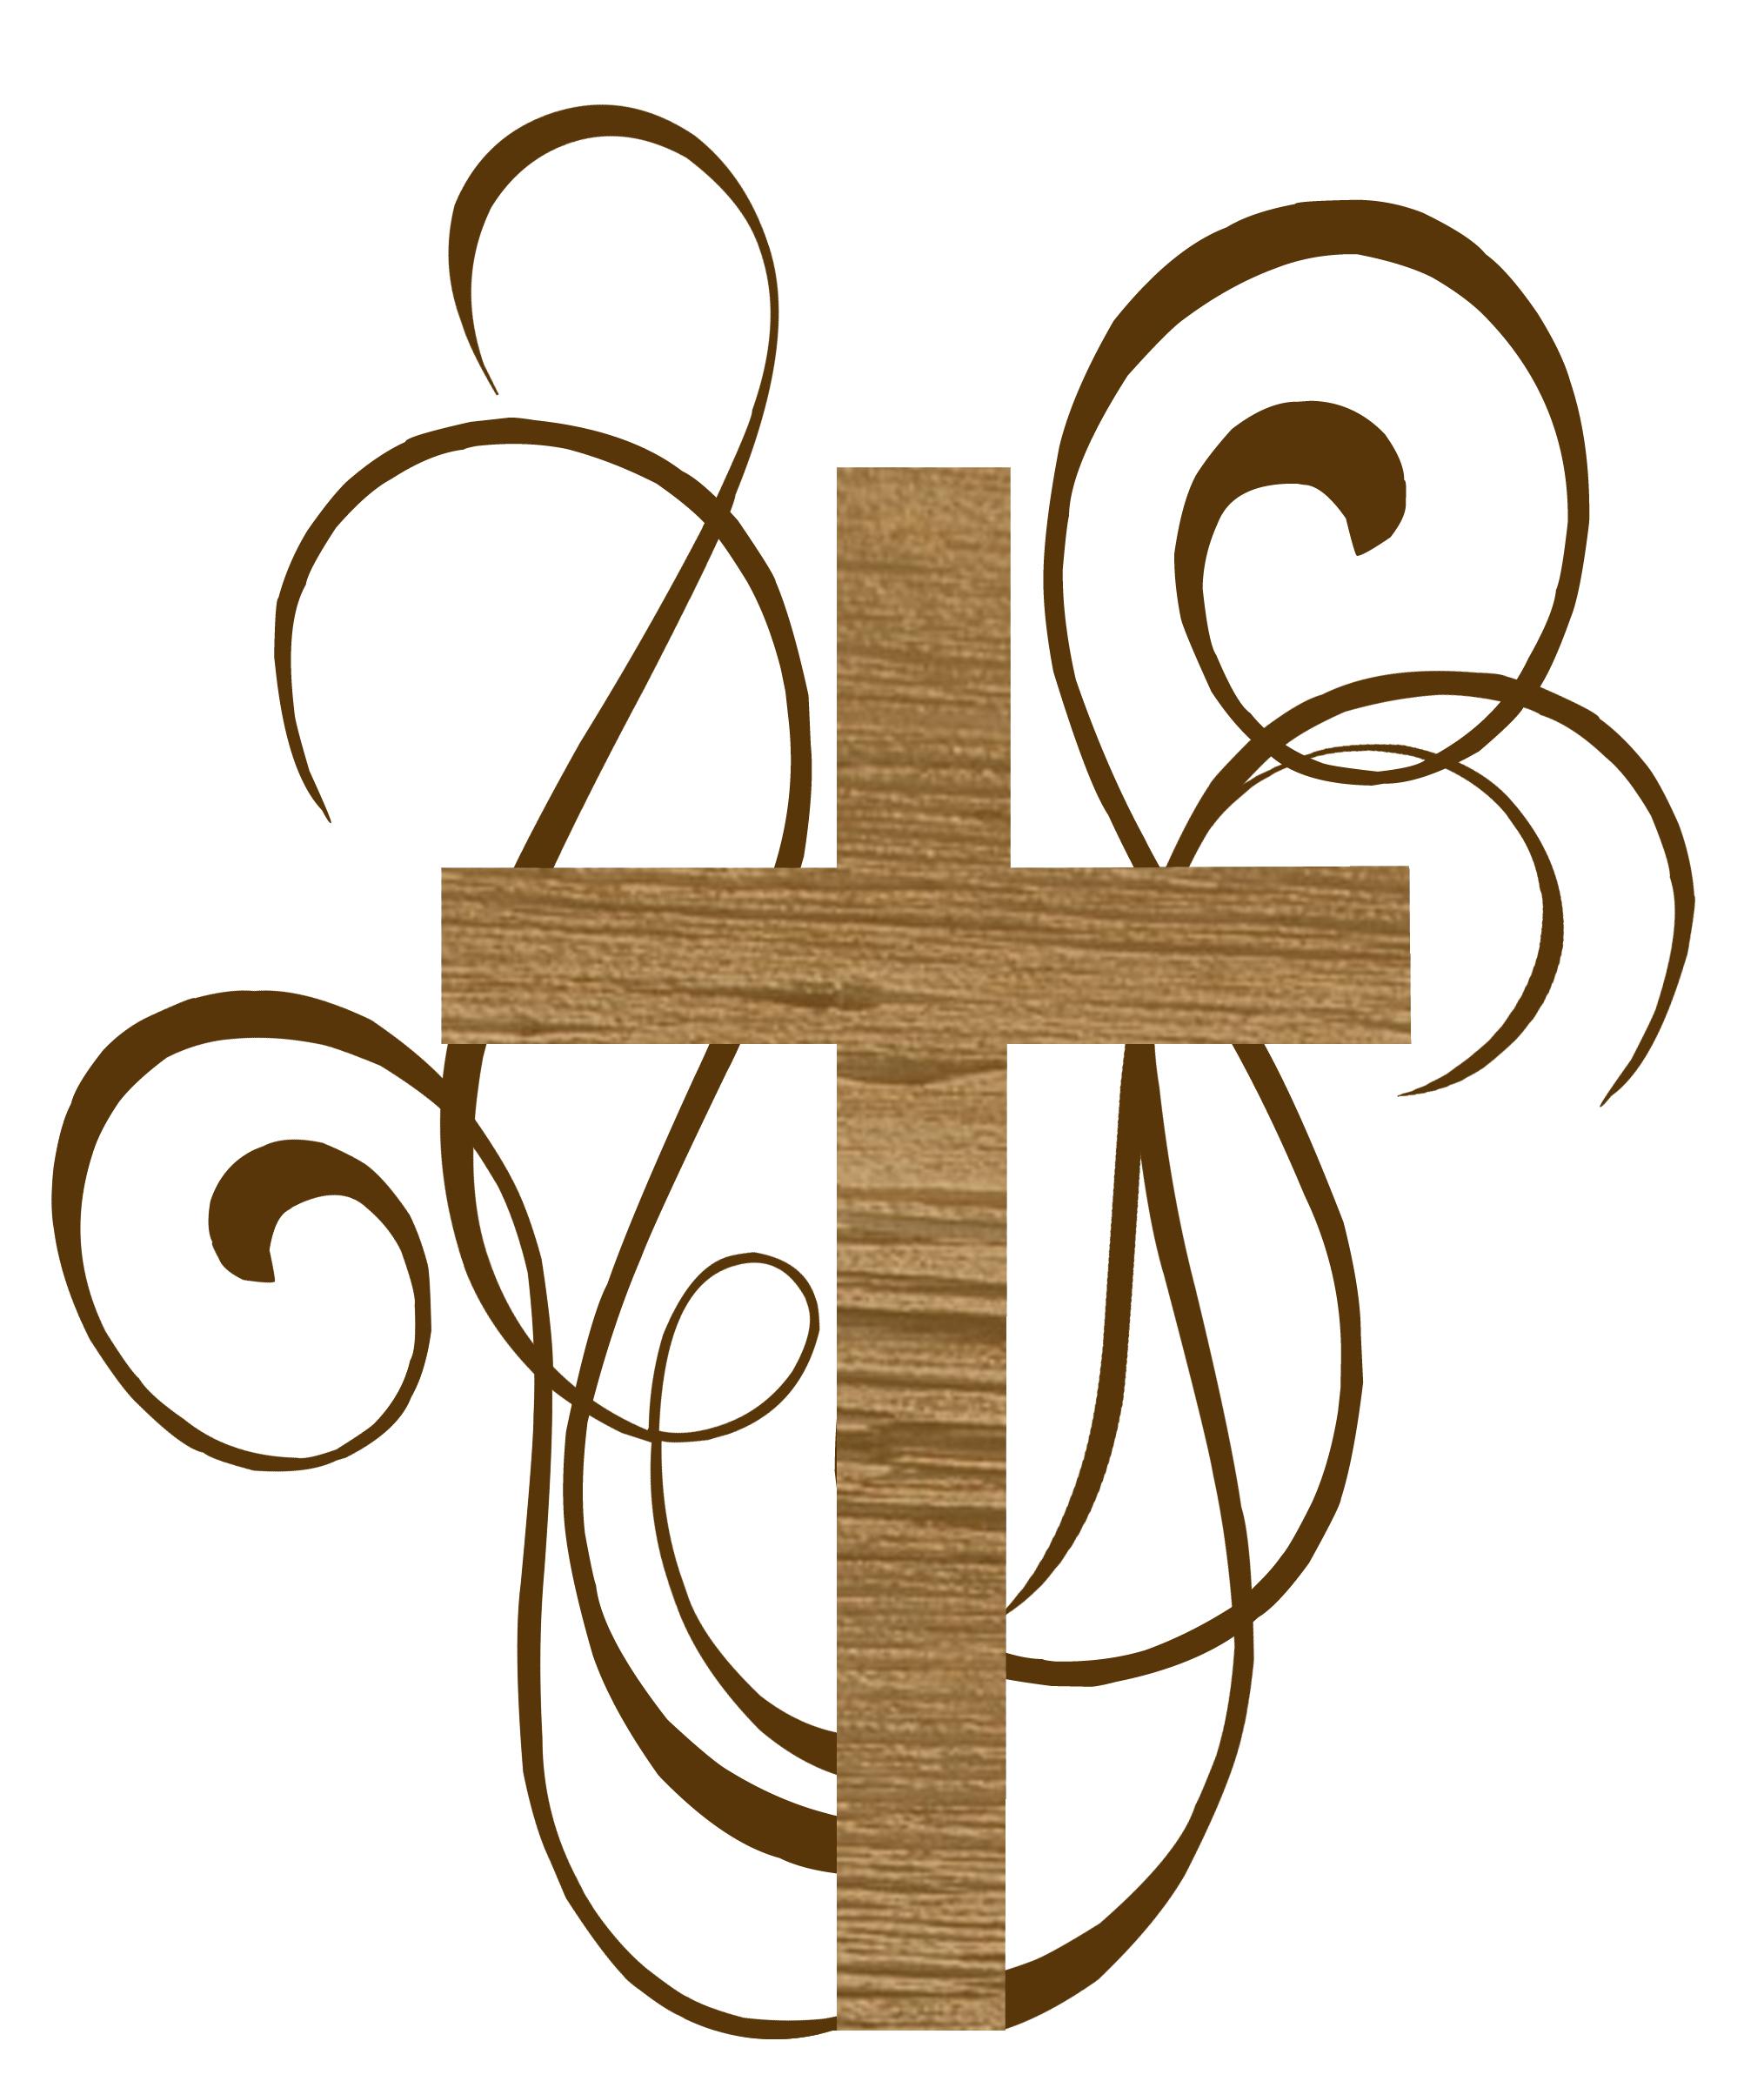 Amd clipart shell Catholic catholic%20baptism%20cross%20clipart Baptism Images Free